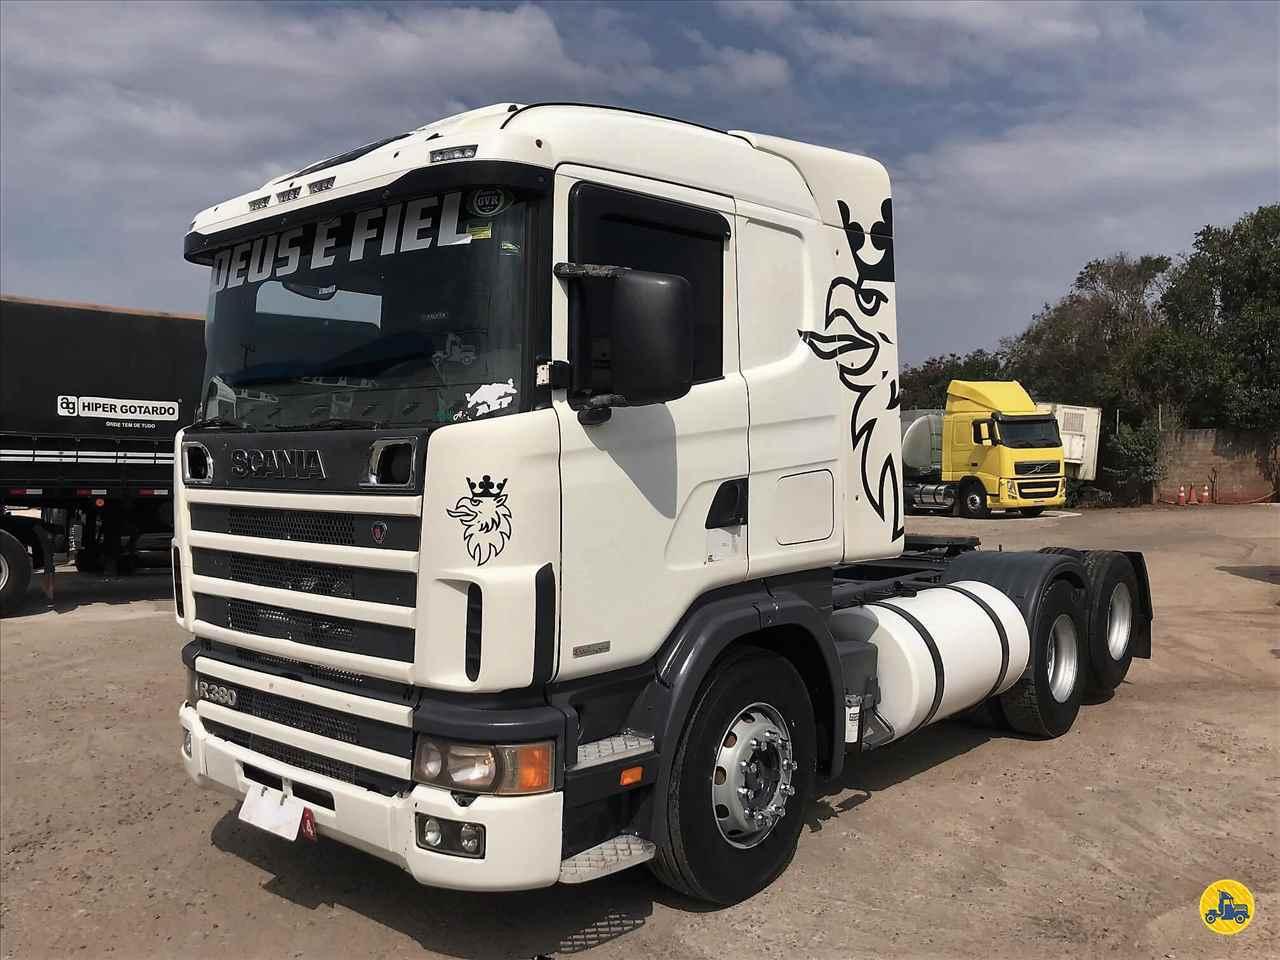 CAMINHAO SCANIA SCANIA 114 380 Cavalo Mecânico Truck 6x2 JK Caminhões PR SARANDI PARANÁ PR